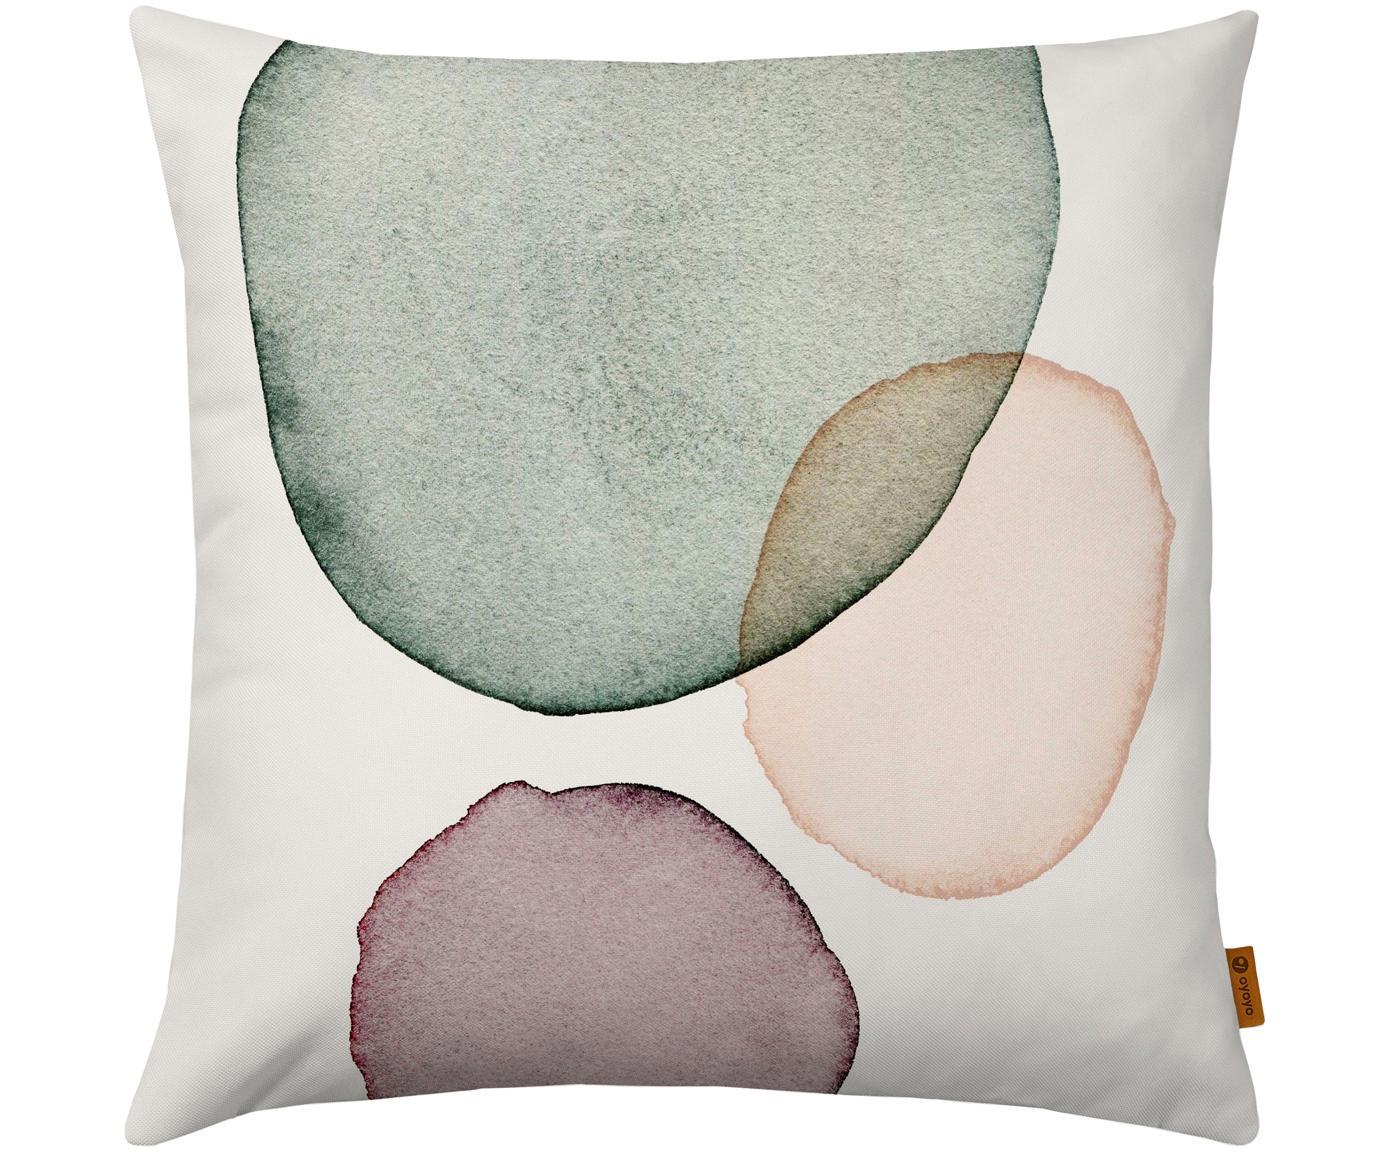 Kussenhoes Calm met geometrisch Print in aquarellook, Polyester, Wit, groen, lila, zalmkleurig, 40 x 40 cm